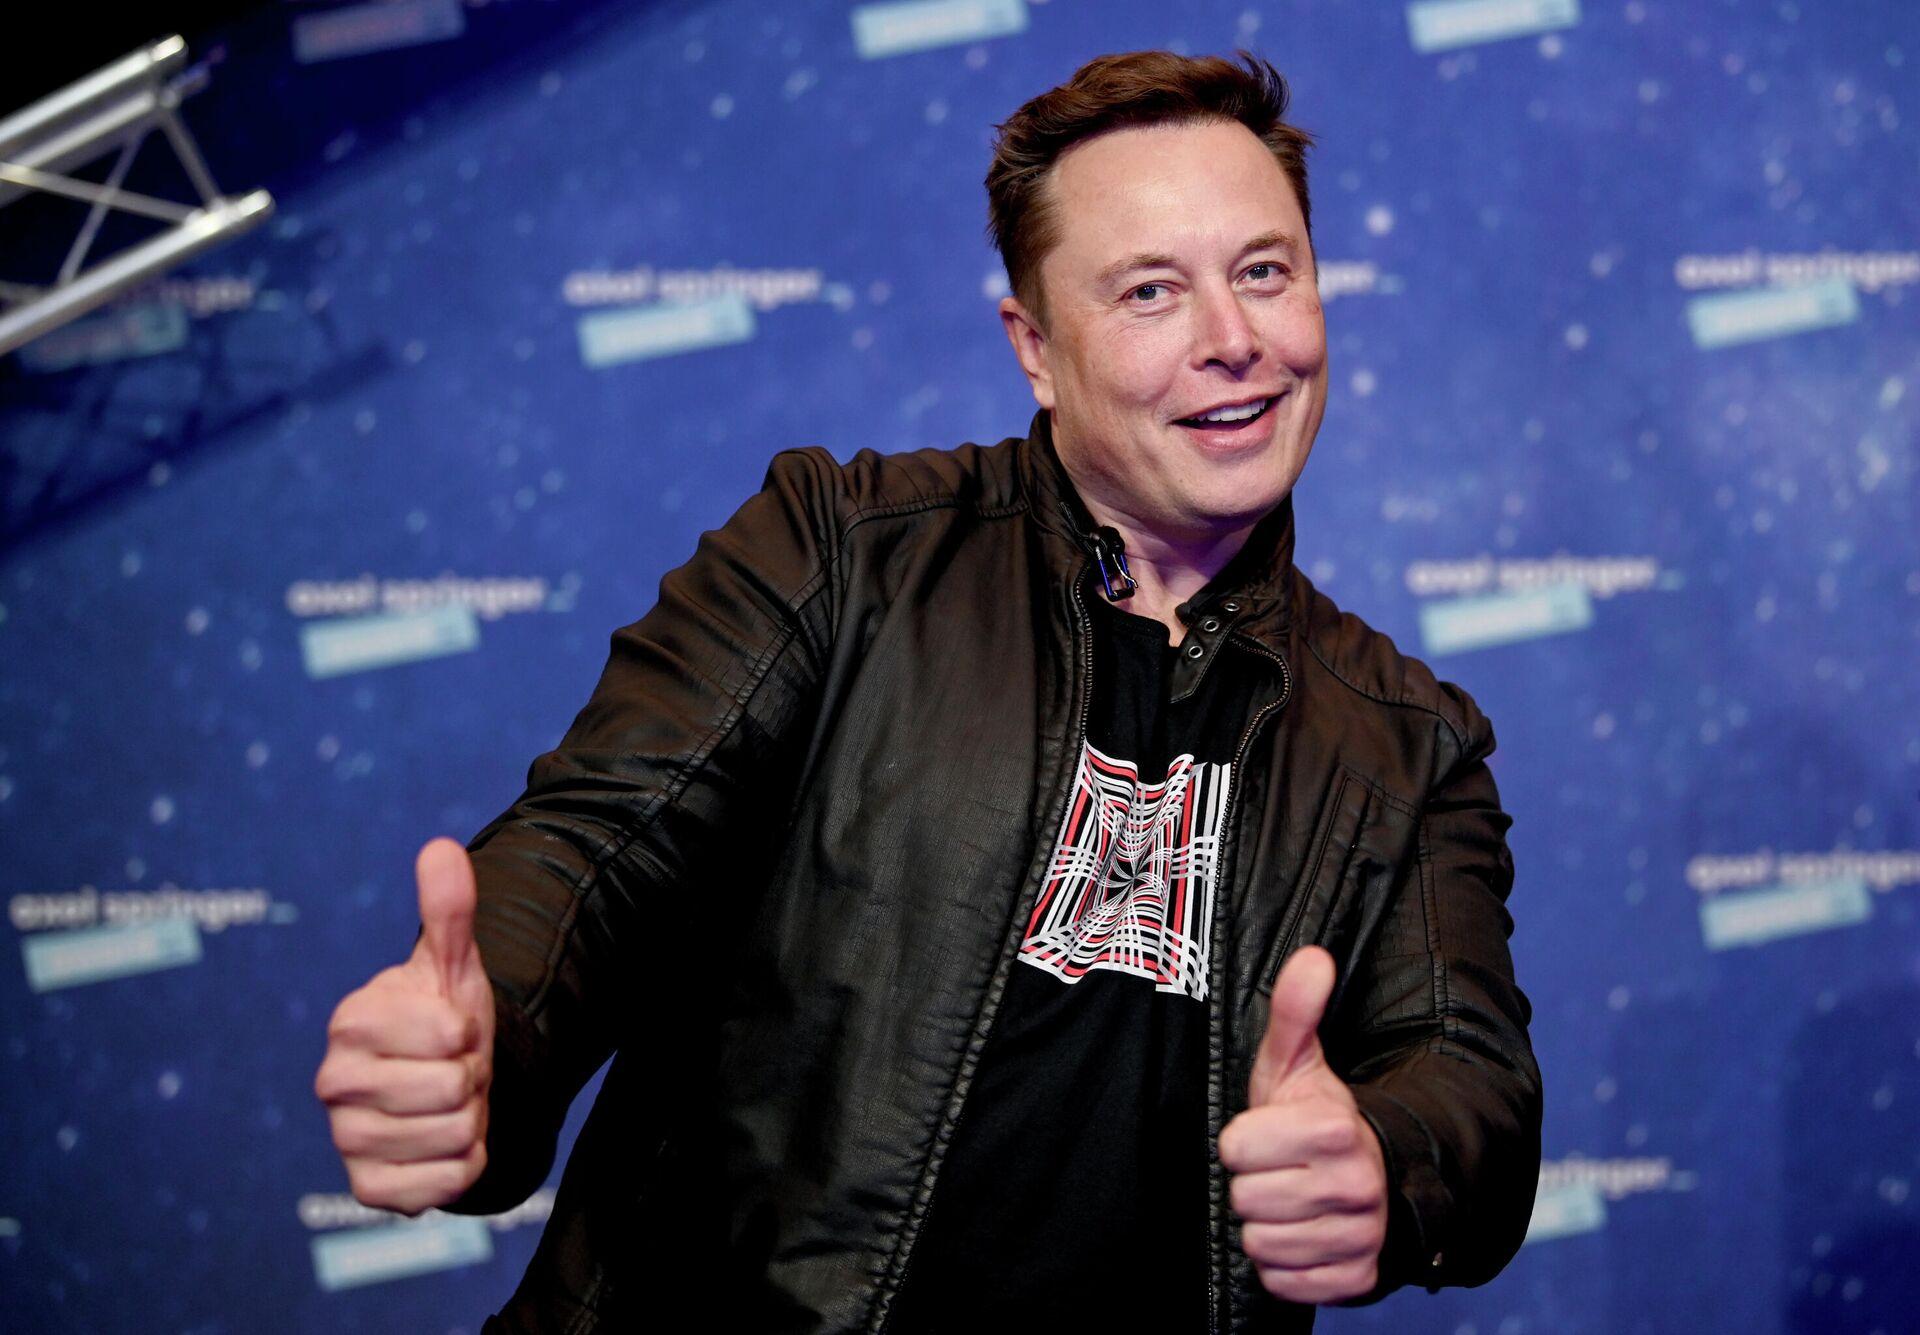 Владелец SpaceX и генеральный директор Tesla Илон Маск - РИА Новости, 1920, 30.04.2021